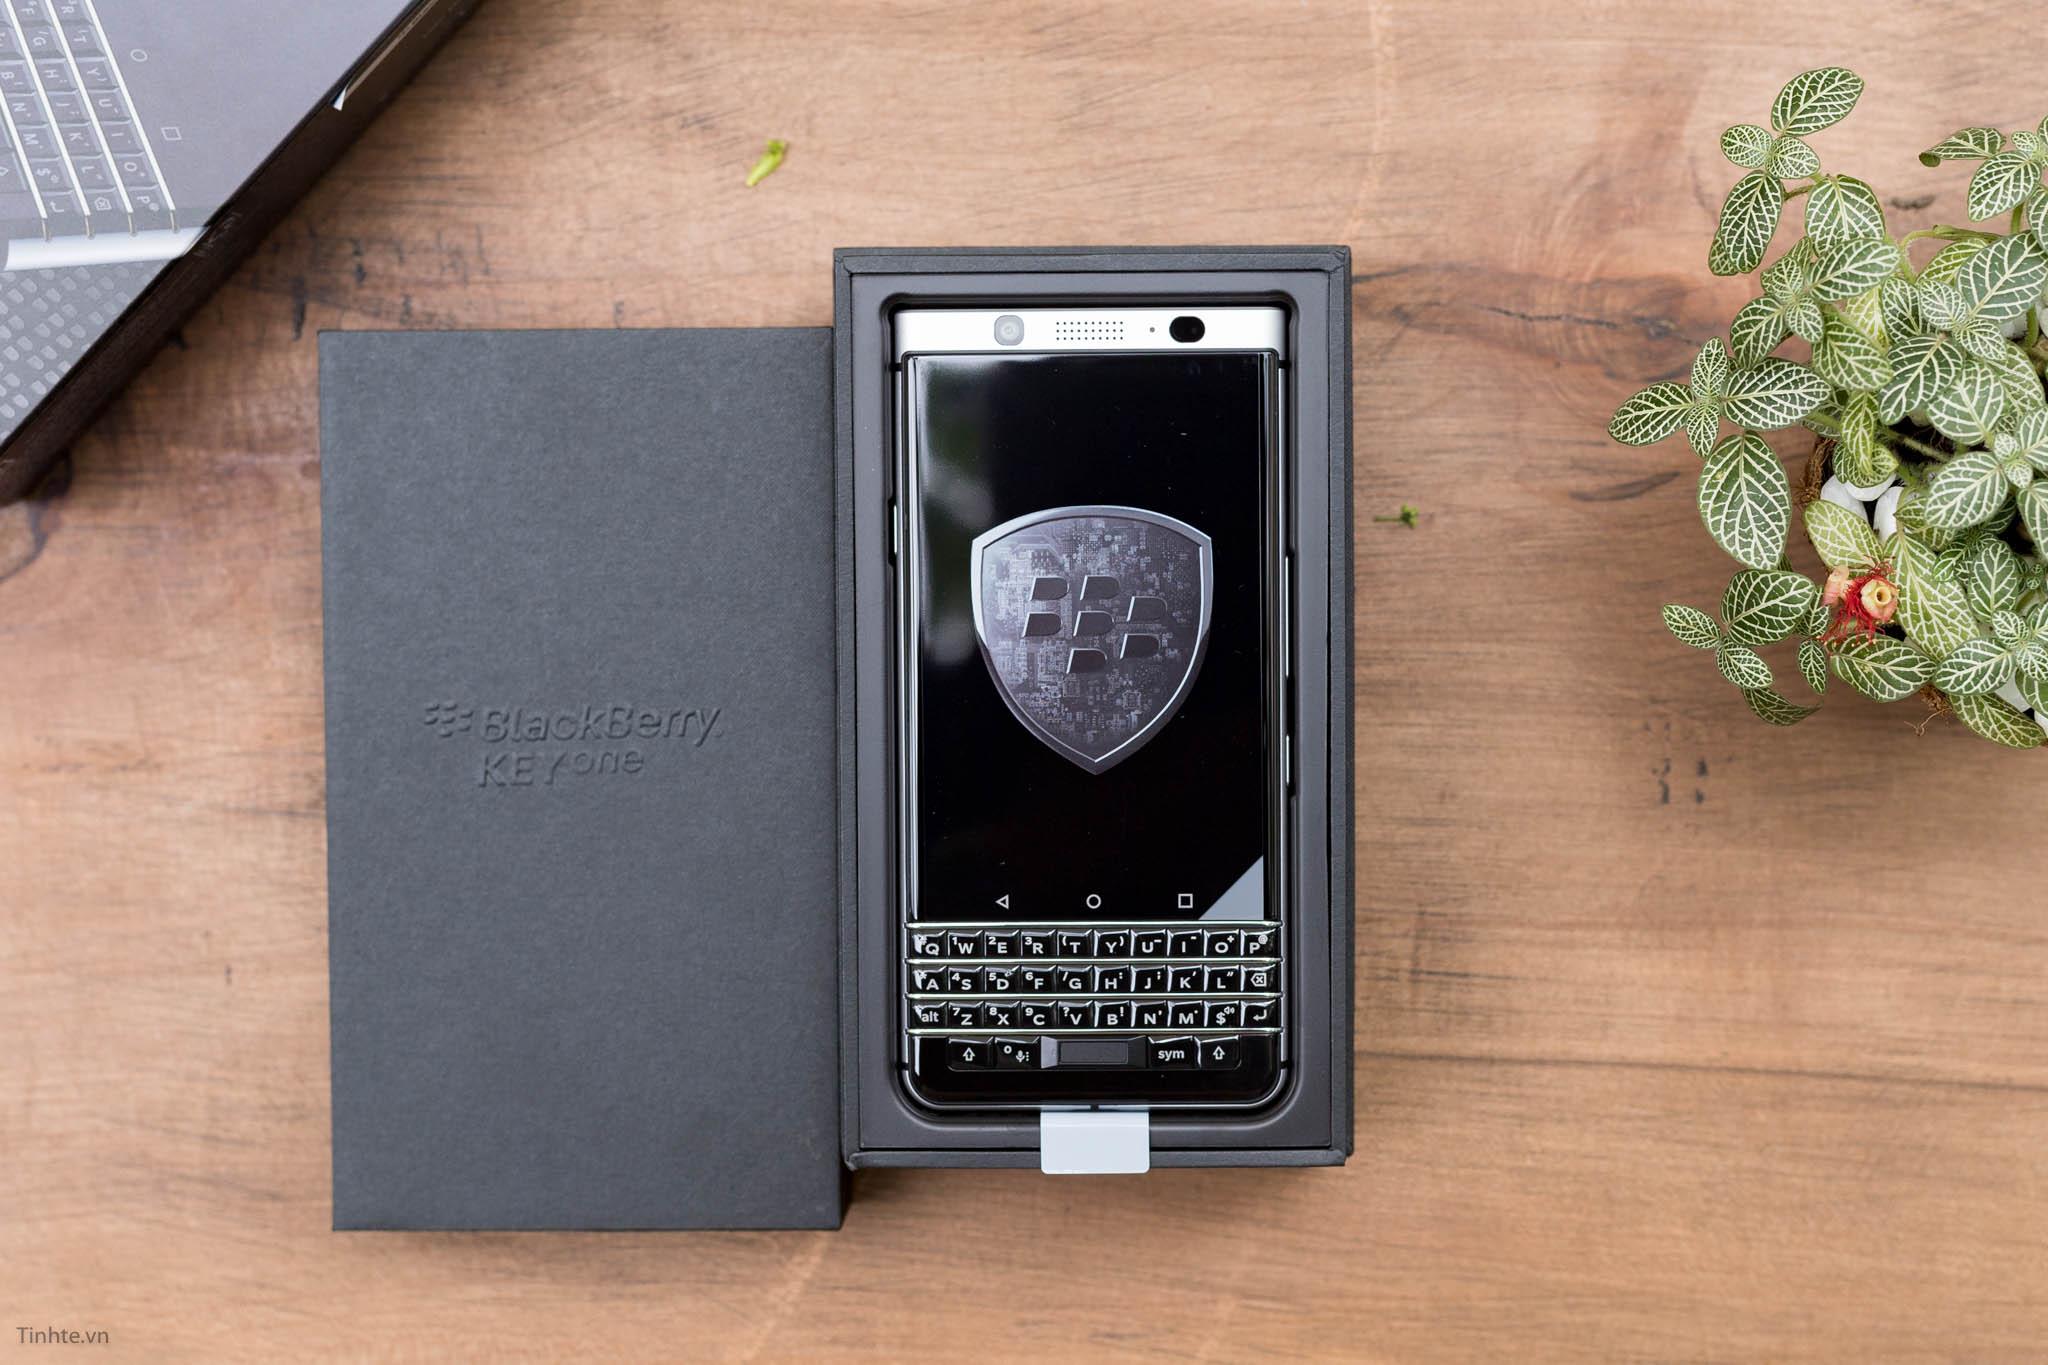 BlackBerry-KEYone-tinhte-6.jpg